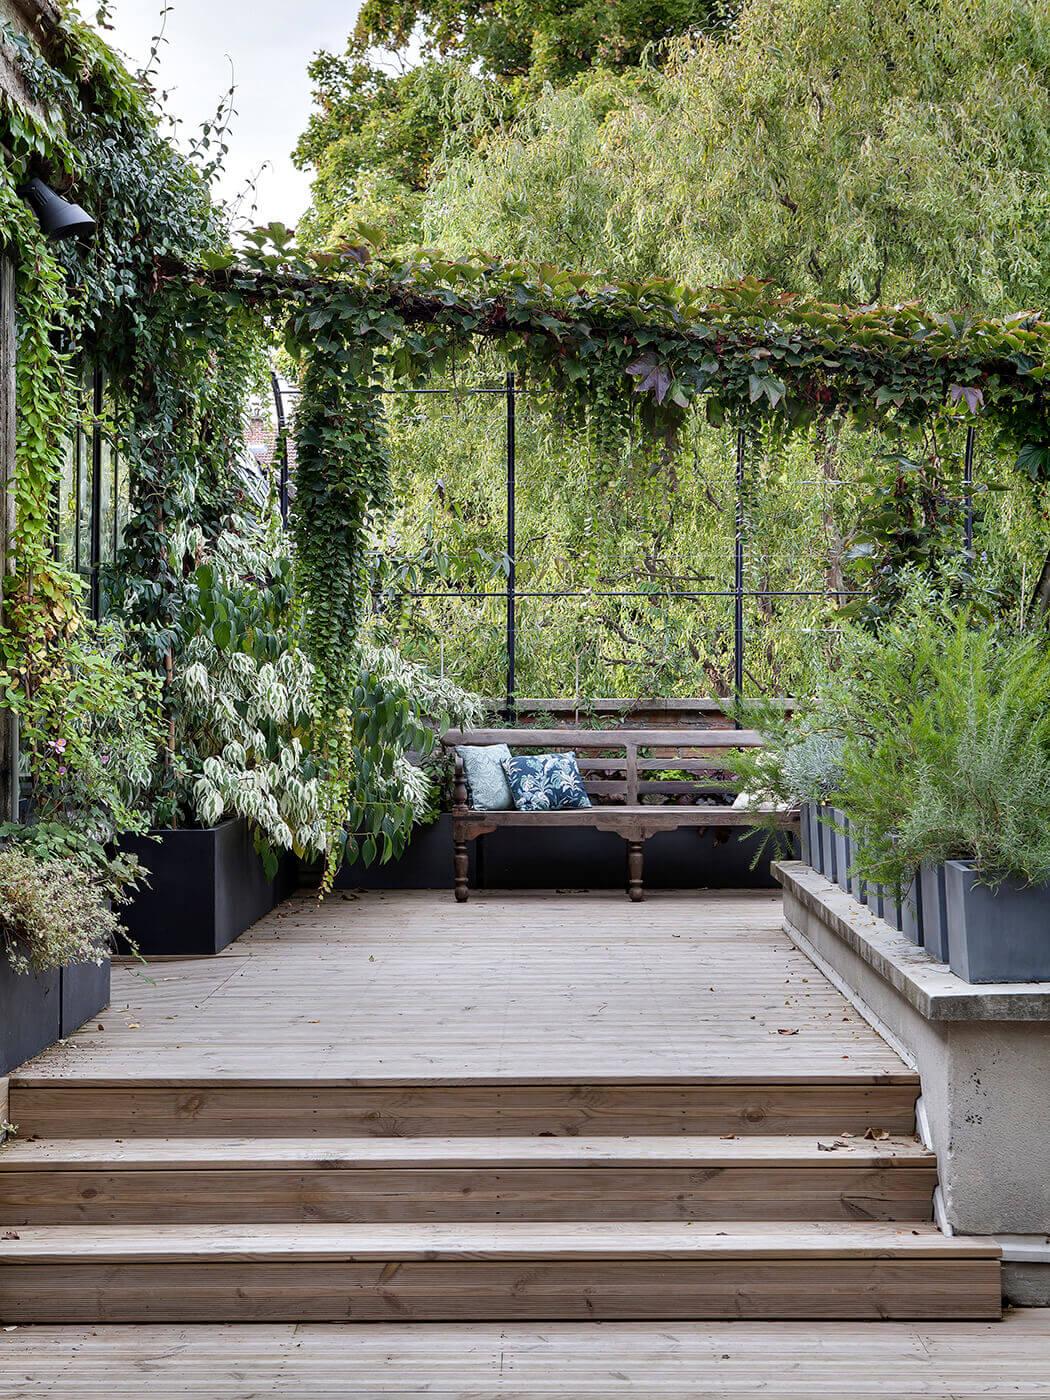 végétation luxuriante sur la terrasse de ce loft aménagé au sein d'une vieille usine